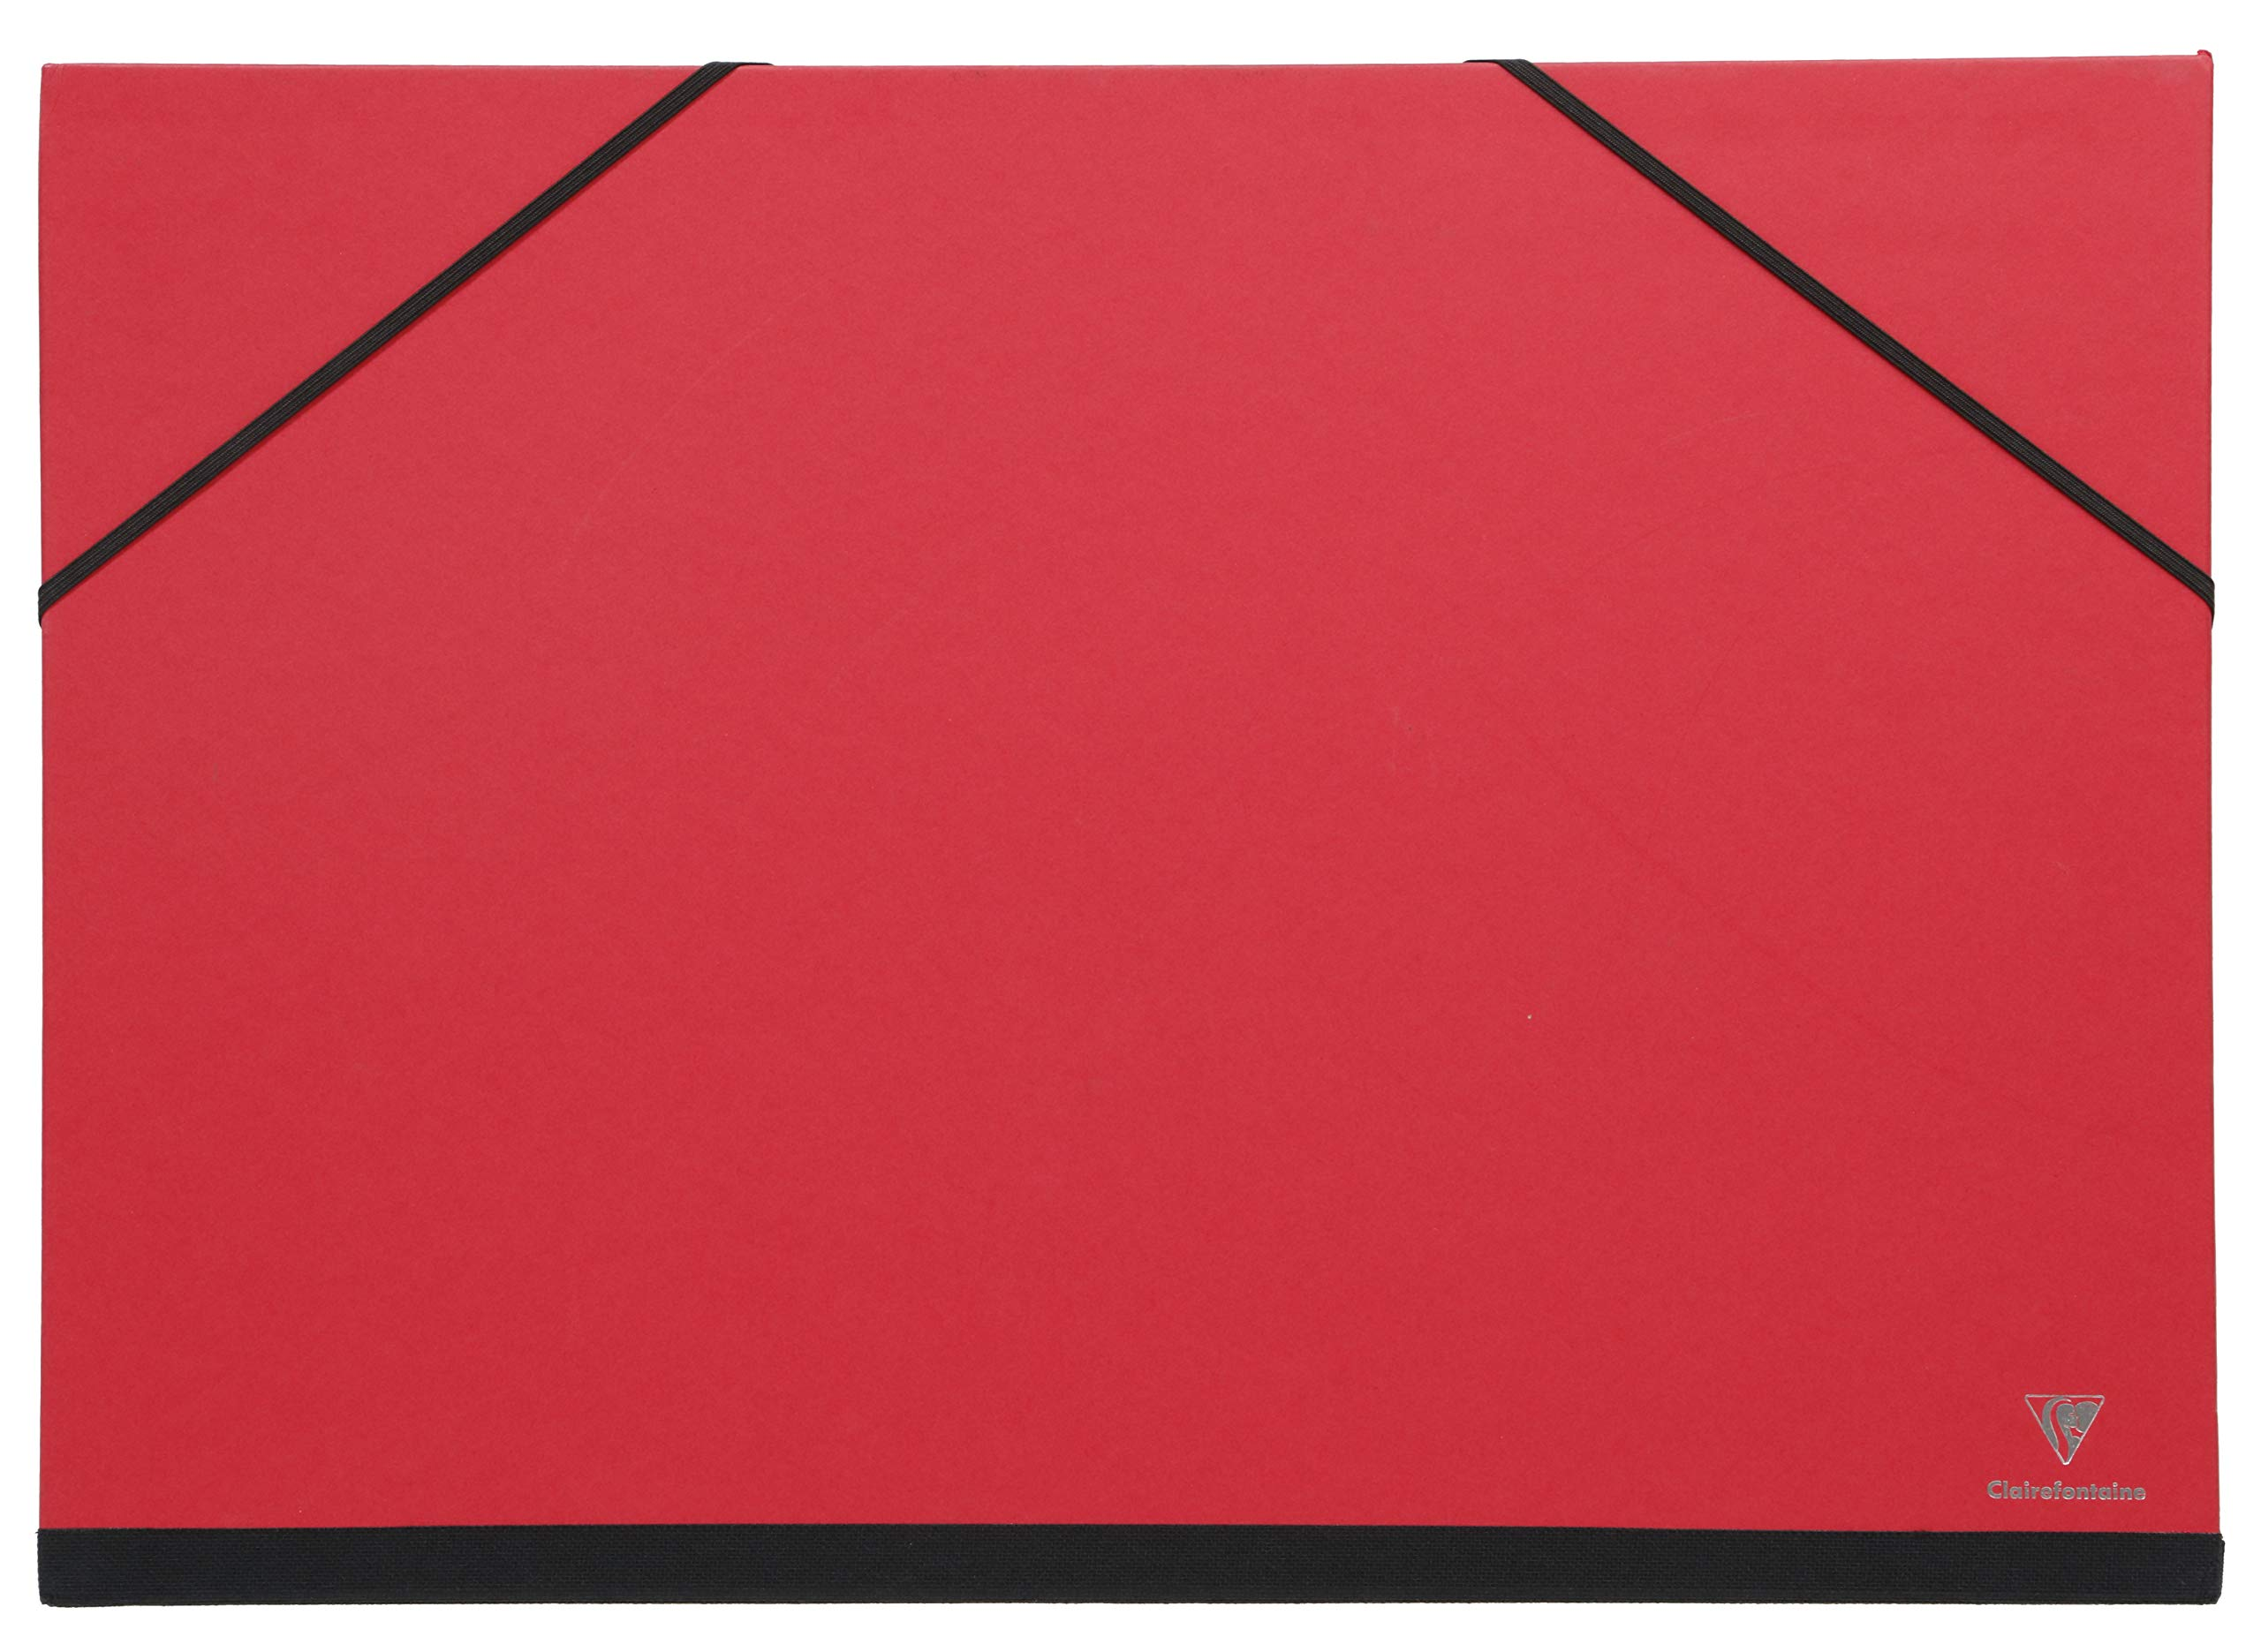 Clairefontaine 144705C - Caja de dibujo con goma elástica, 37 x 52 cm, color rojo: Amazon.es: Oficina y papelería